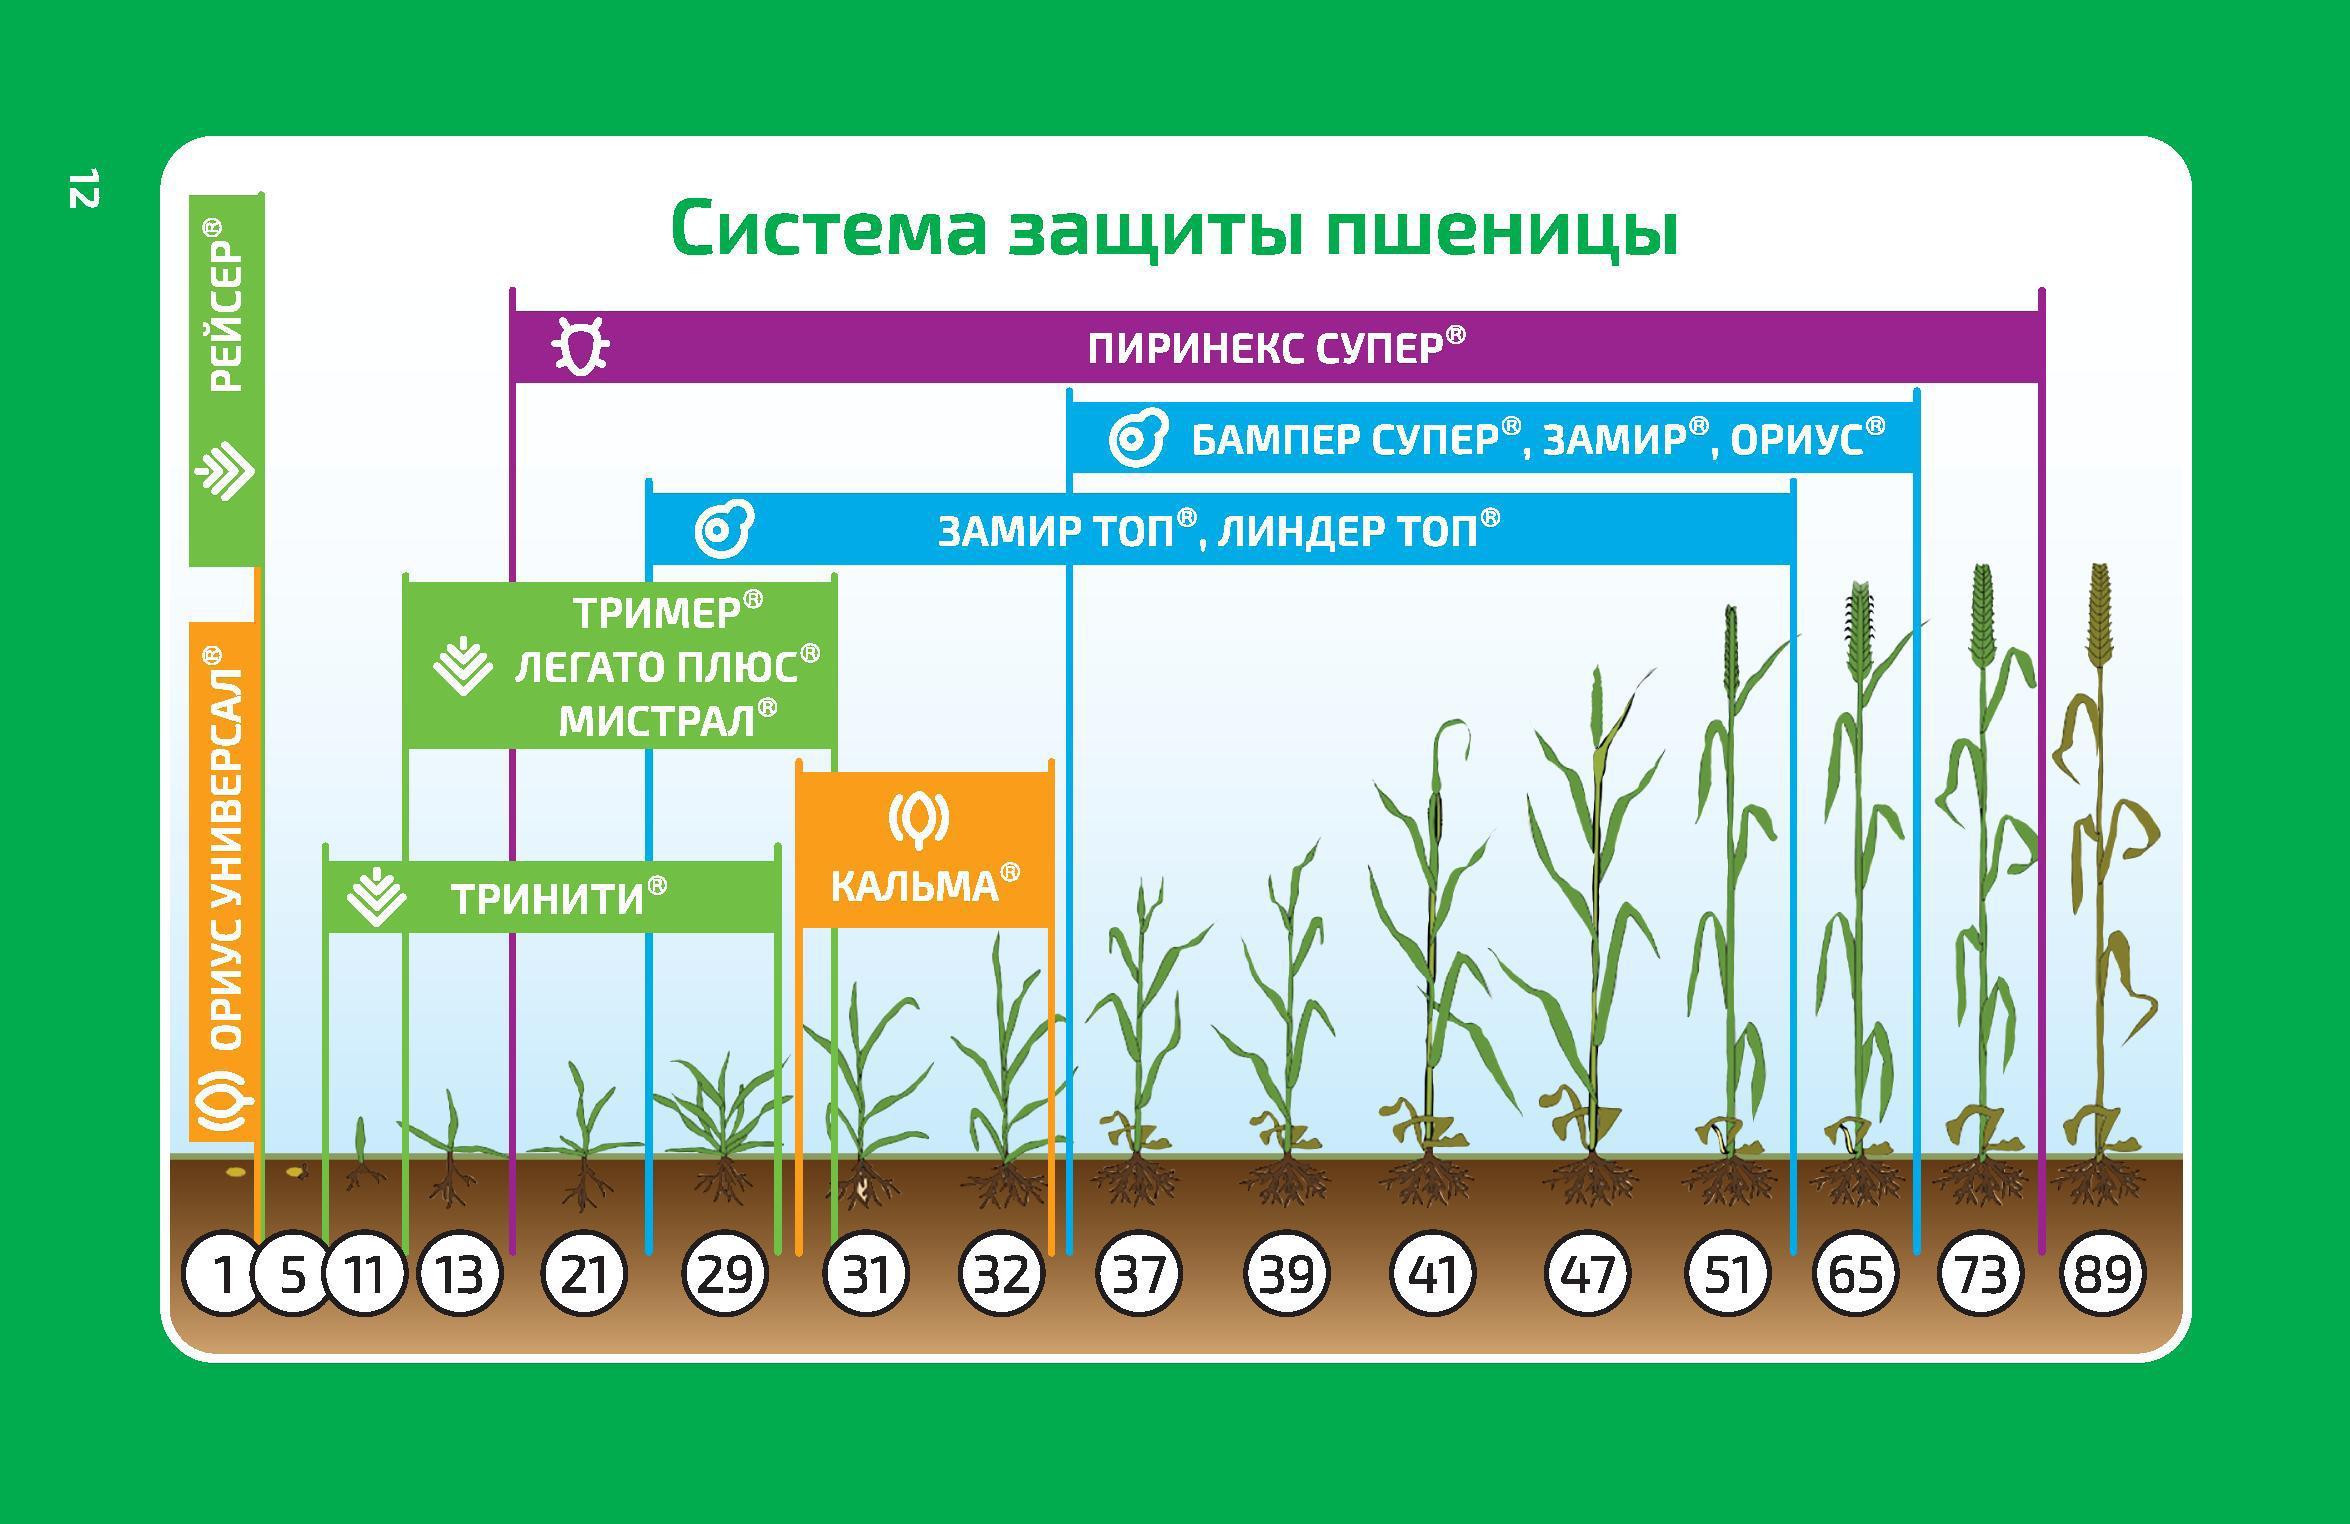 схема применения система защиты пшеницы